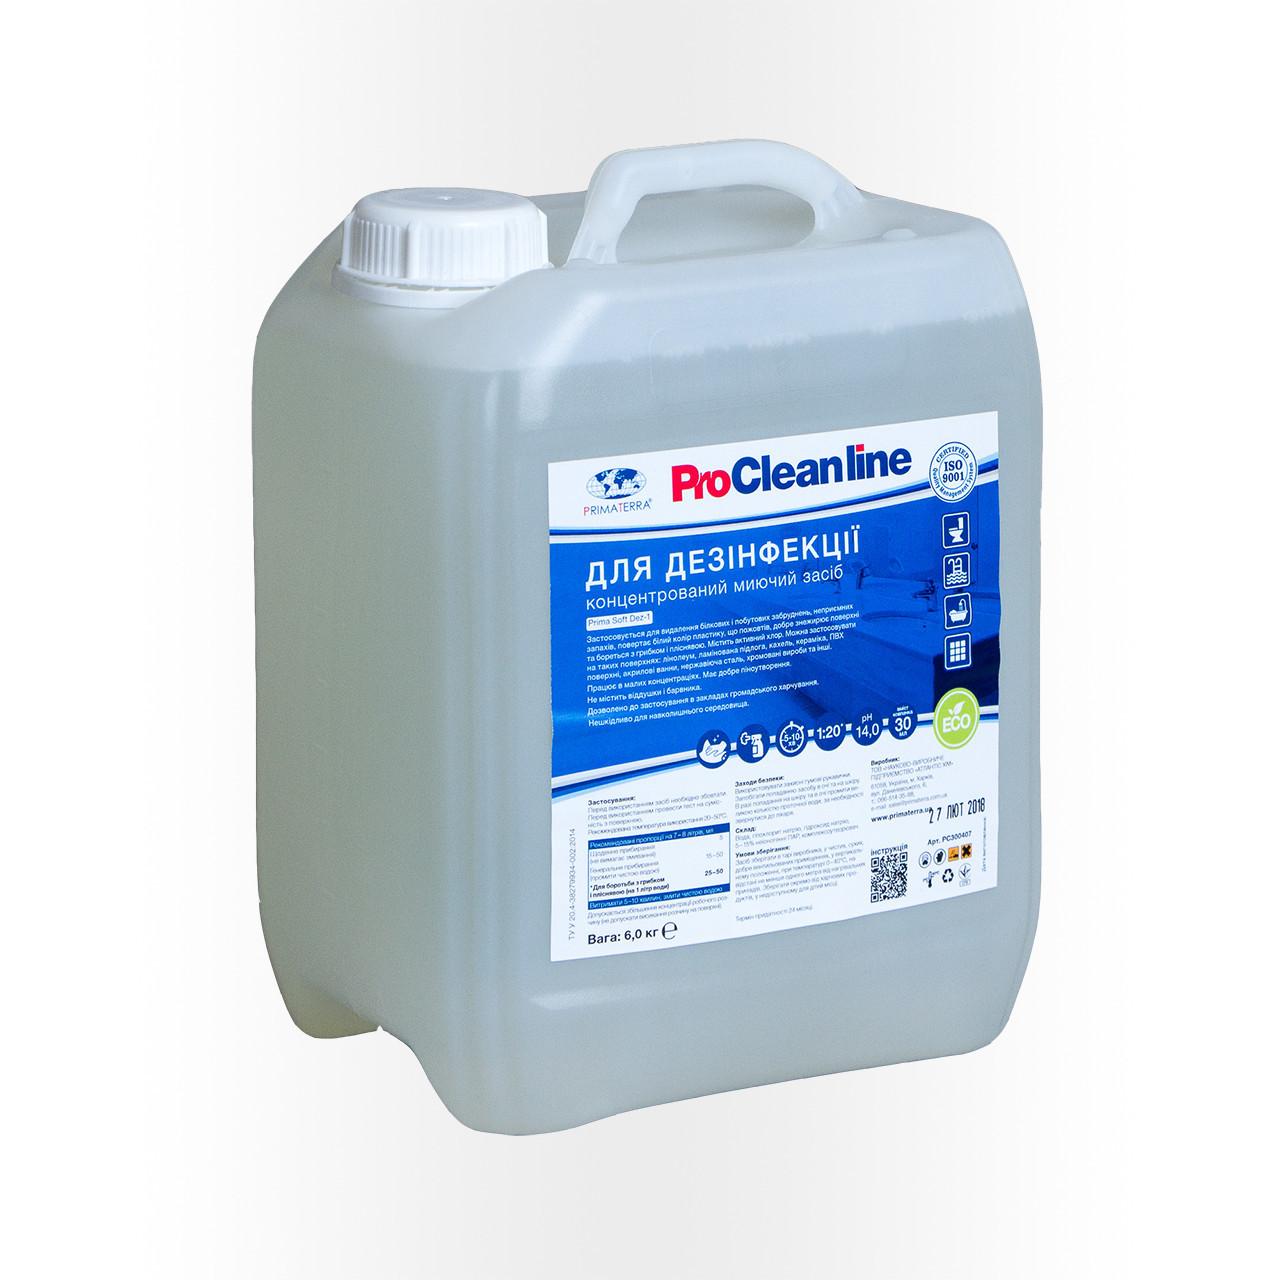 Моющее средство для дезинфекции кухни Dez-1 (6кг)